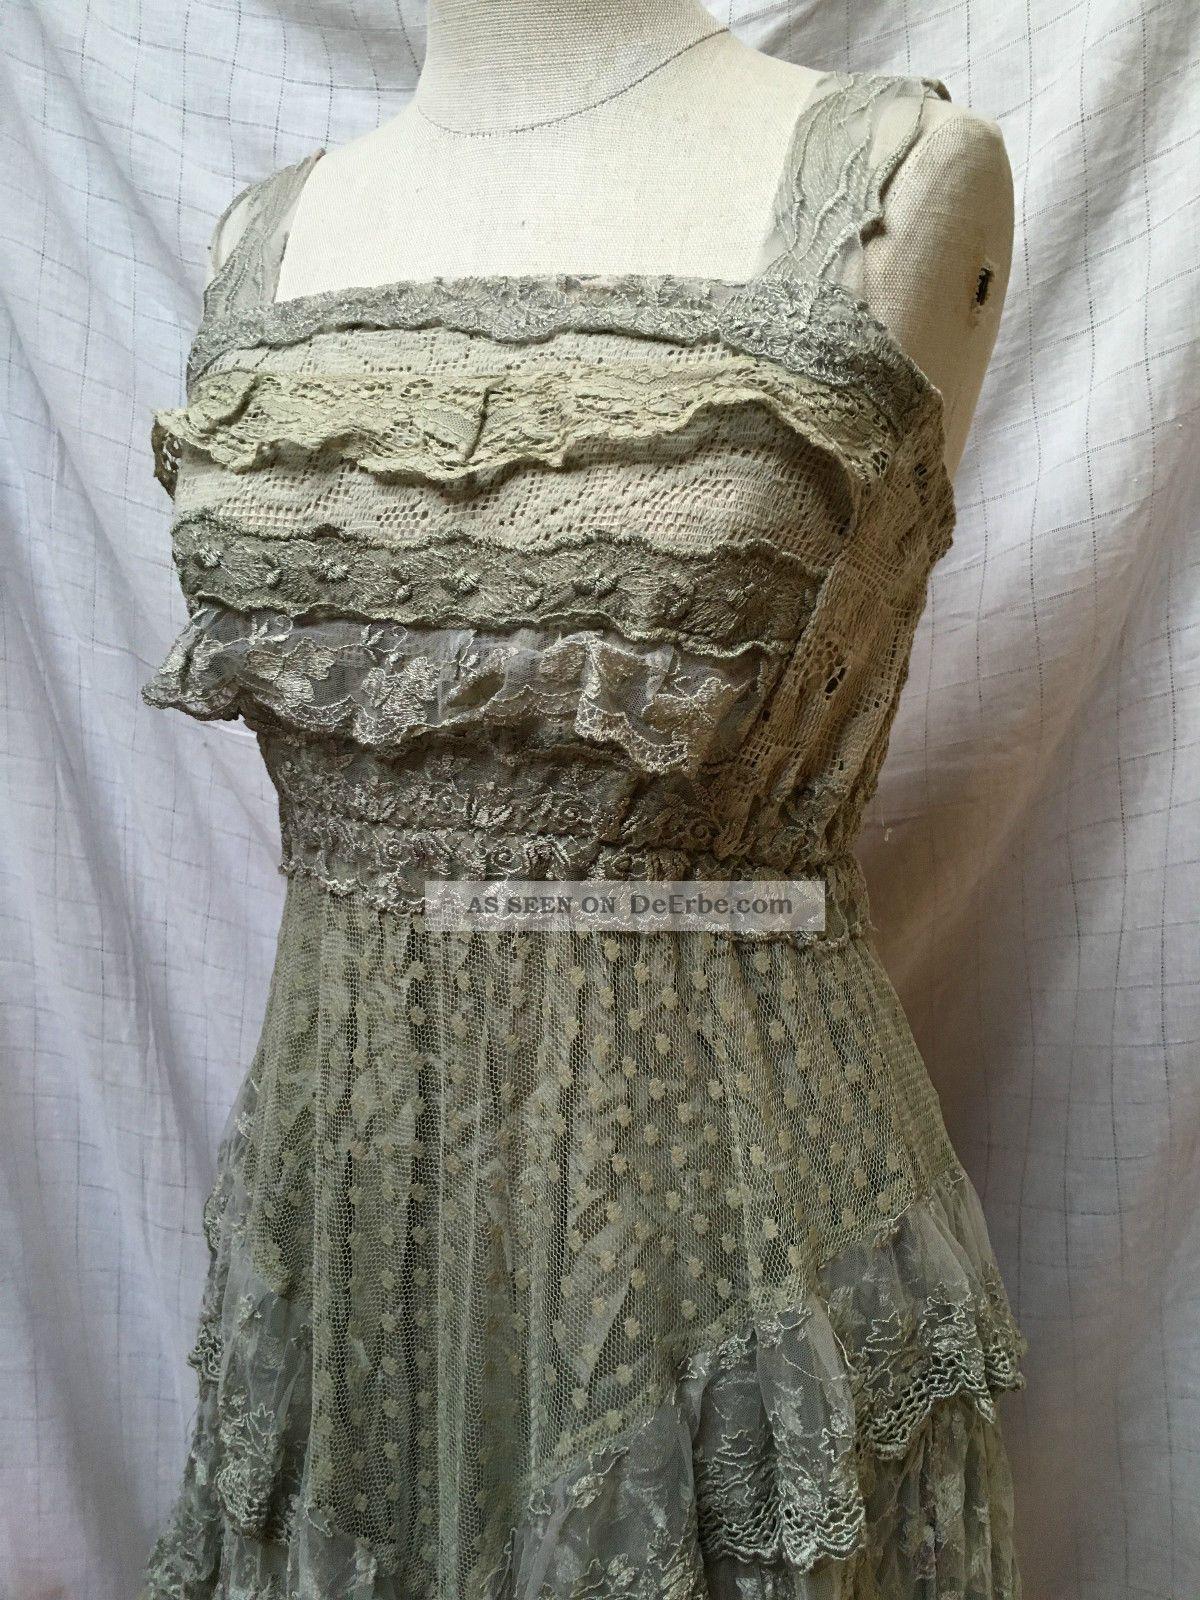 Sommerkleid Spitzenkleid Kleid Spitze Lindgrün Xs 34 Empire Elfenkleid Tüll Kleidung Bild